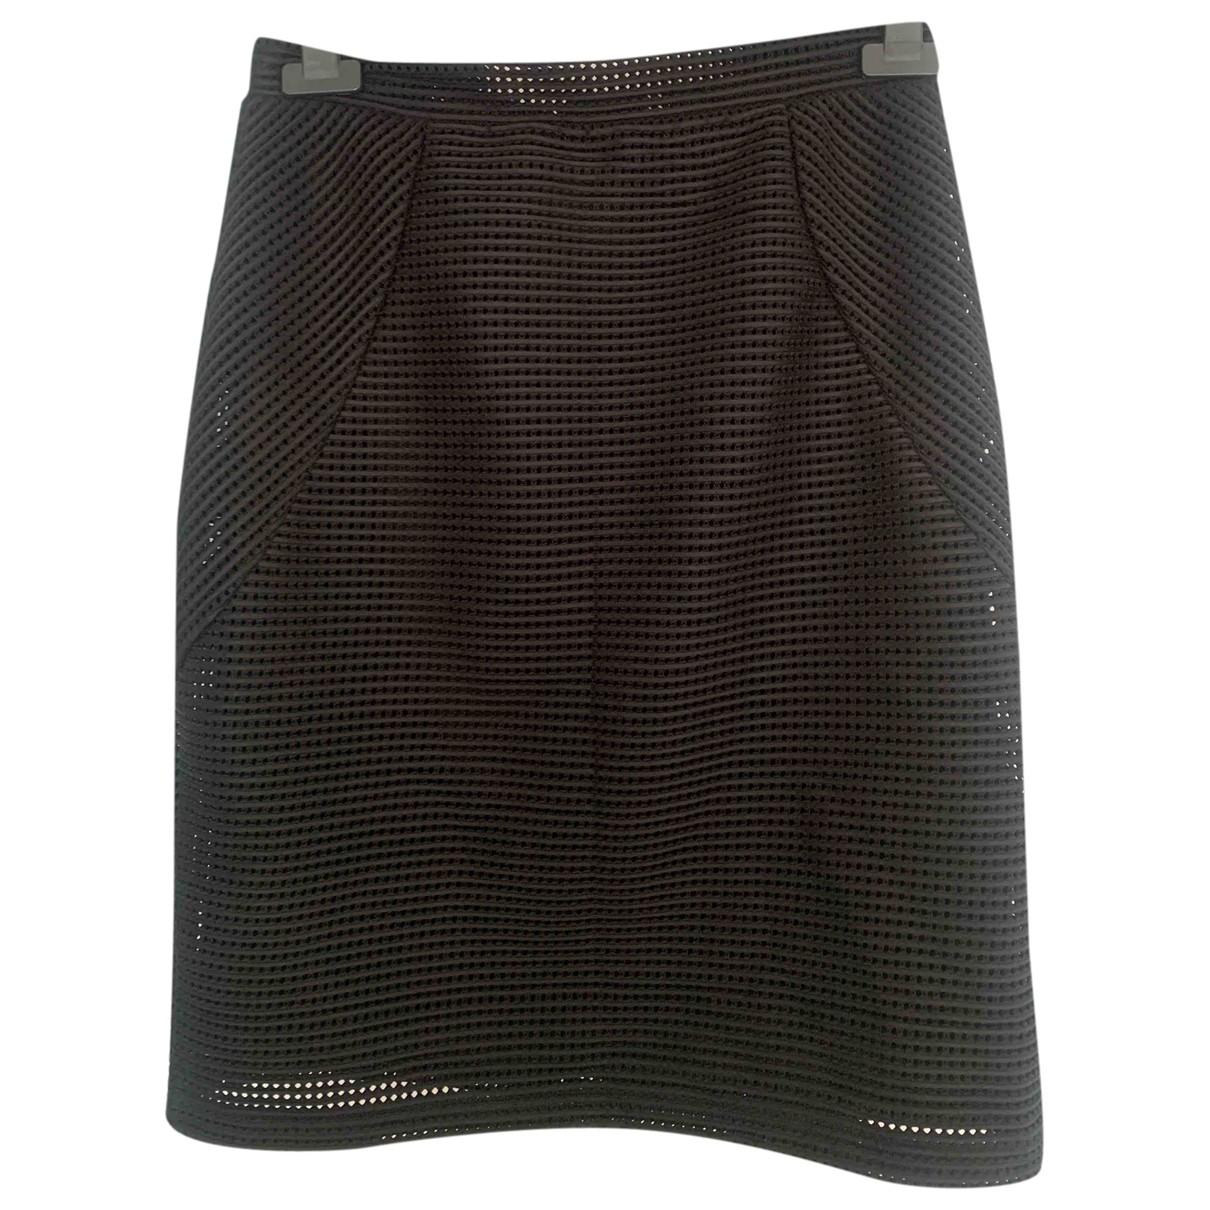 Reiss \N Black skirt for Women 12 UK